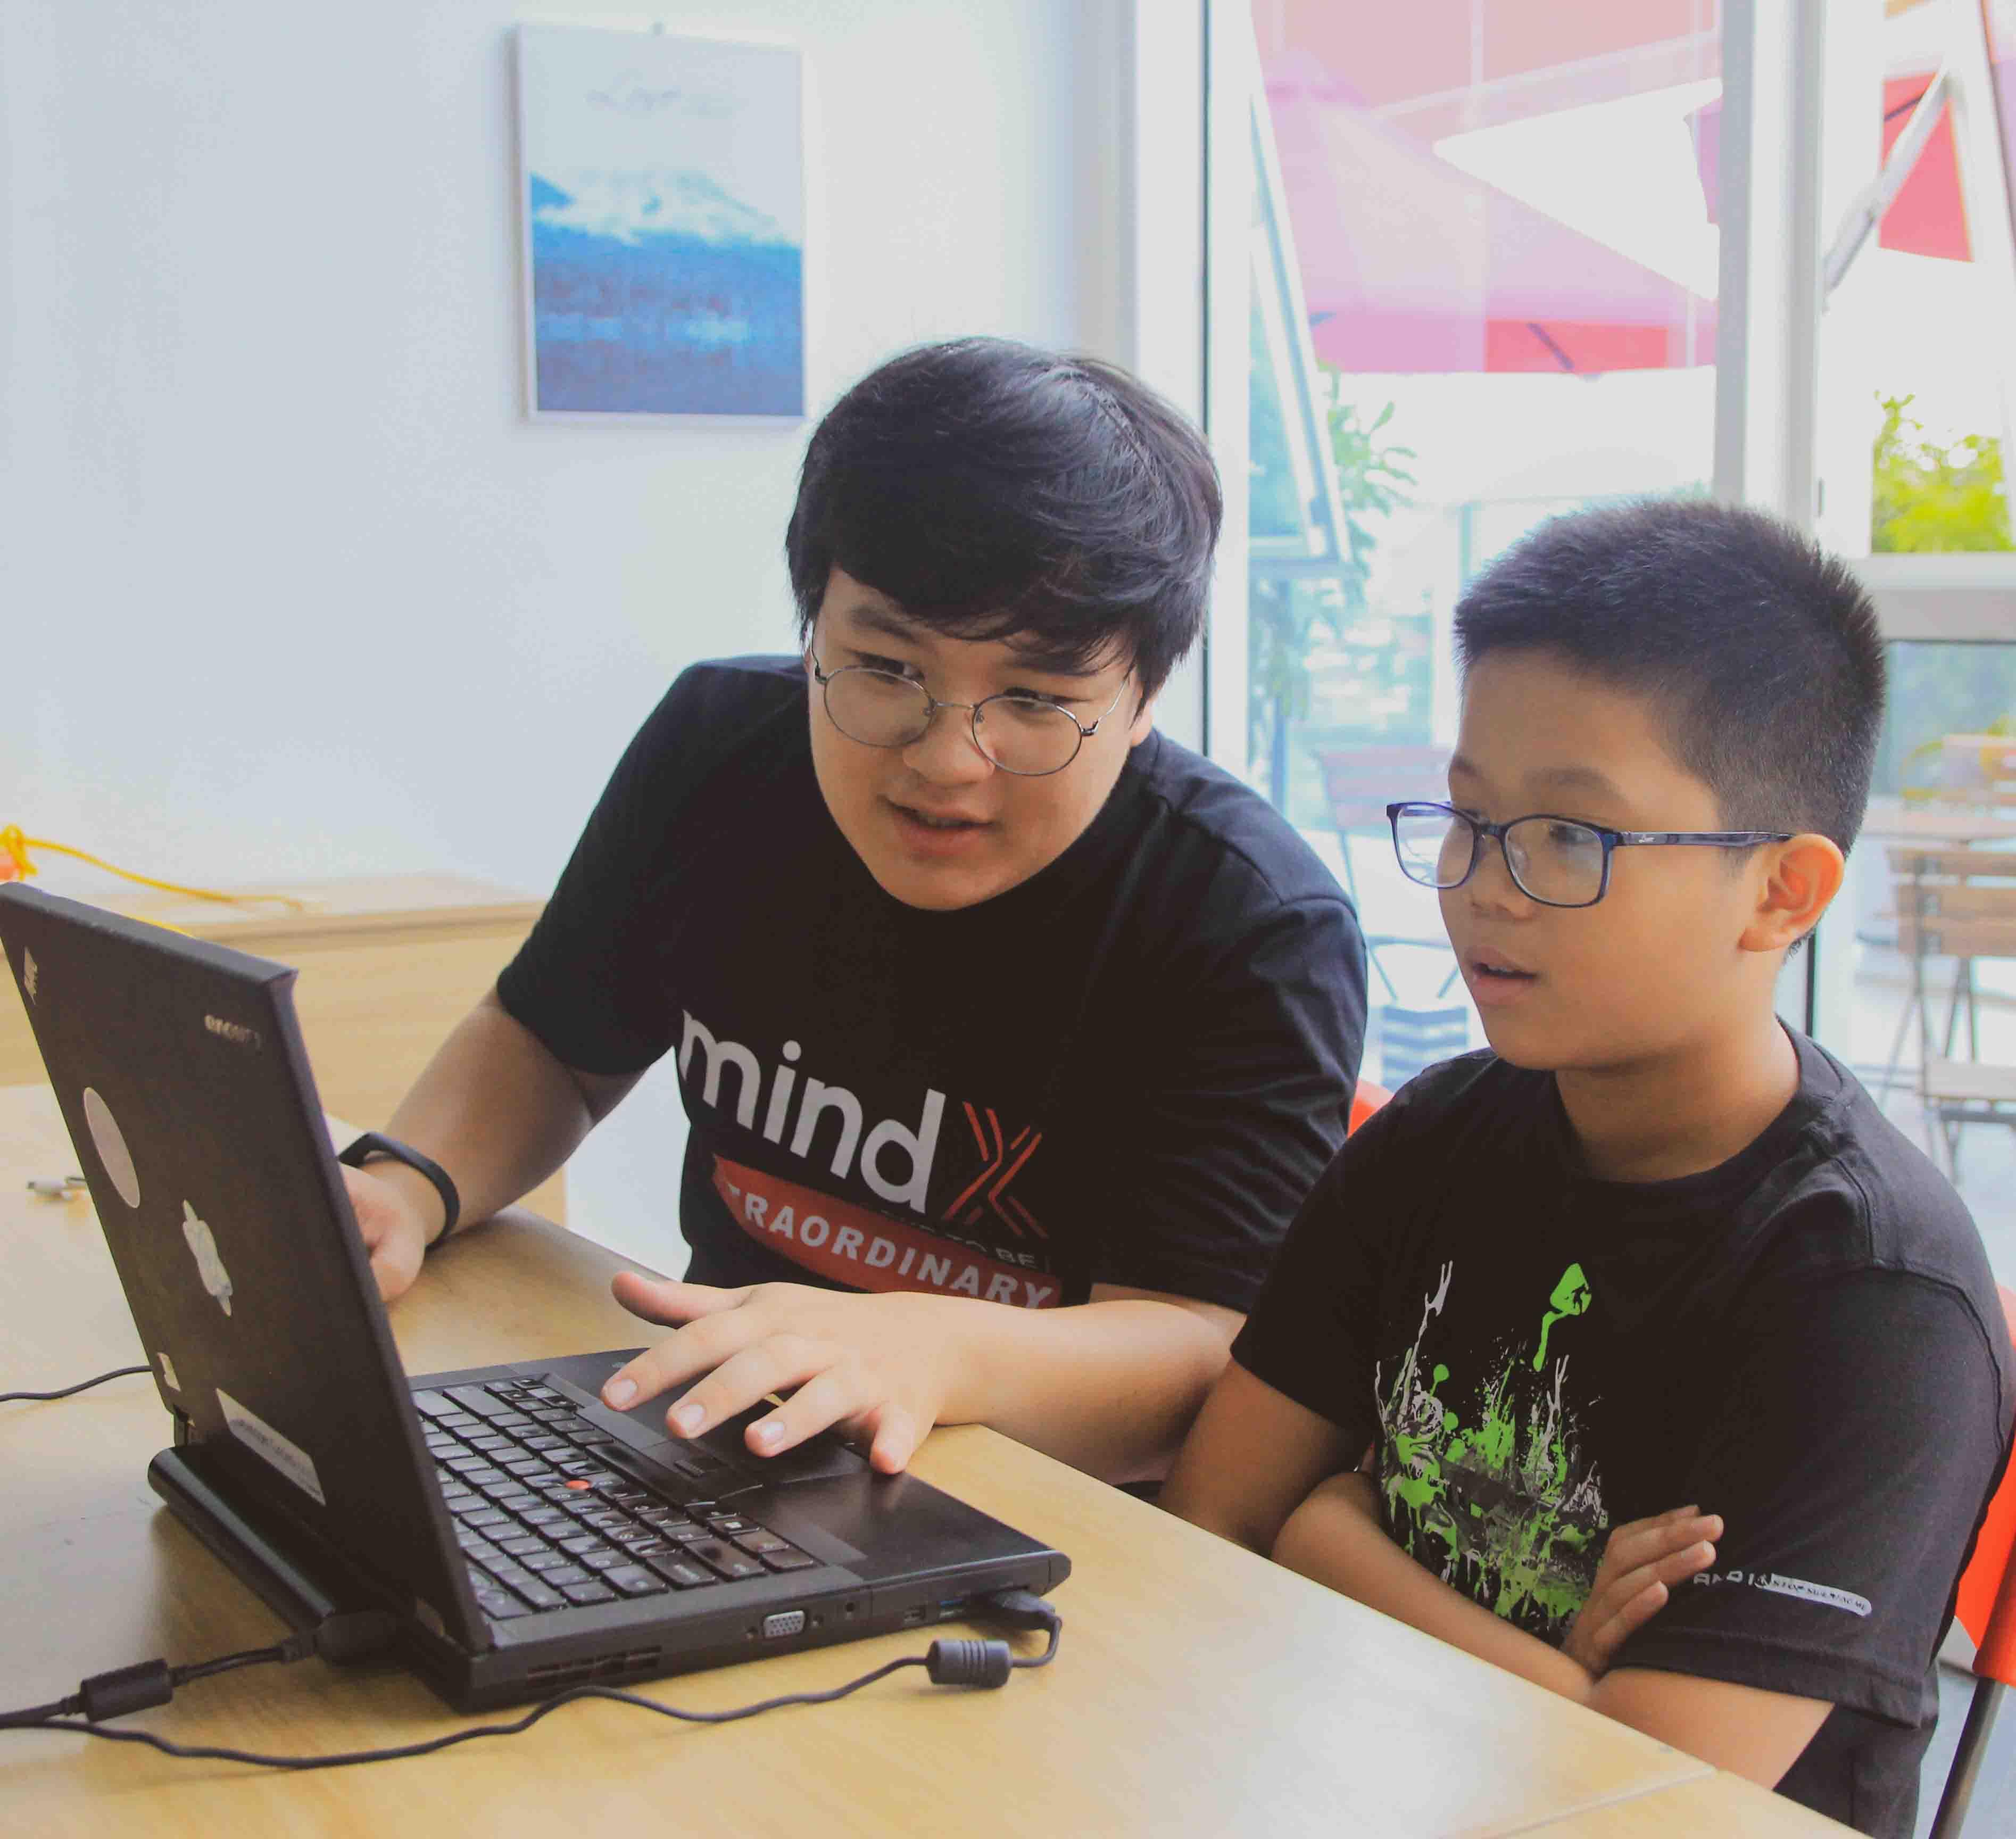 Tìm hiểu mô hình Blended Learning tại MindX - 2